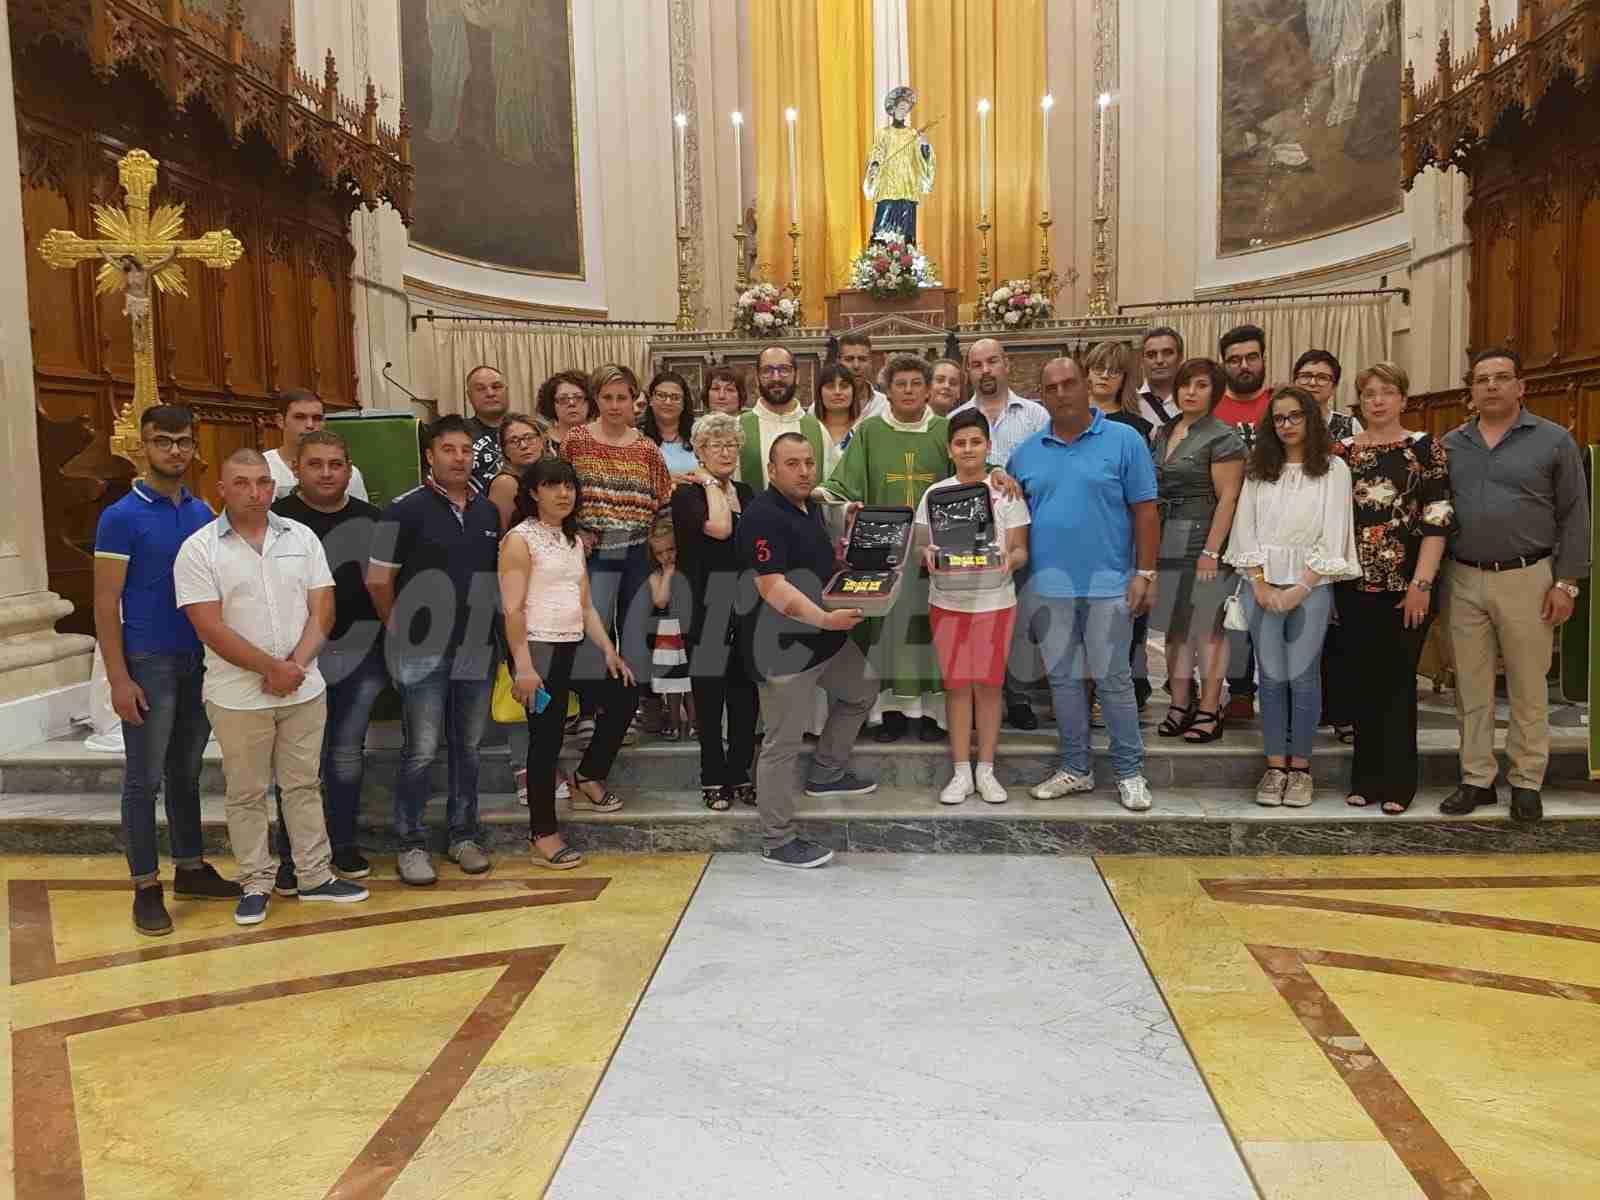 In ricordo di Pino Giallongo 2 defibrillatori alla Chiesa Madre e al Cuore Immacolato